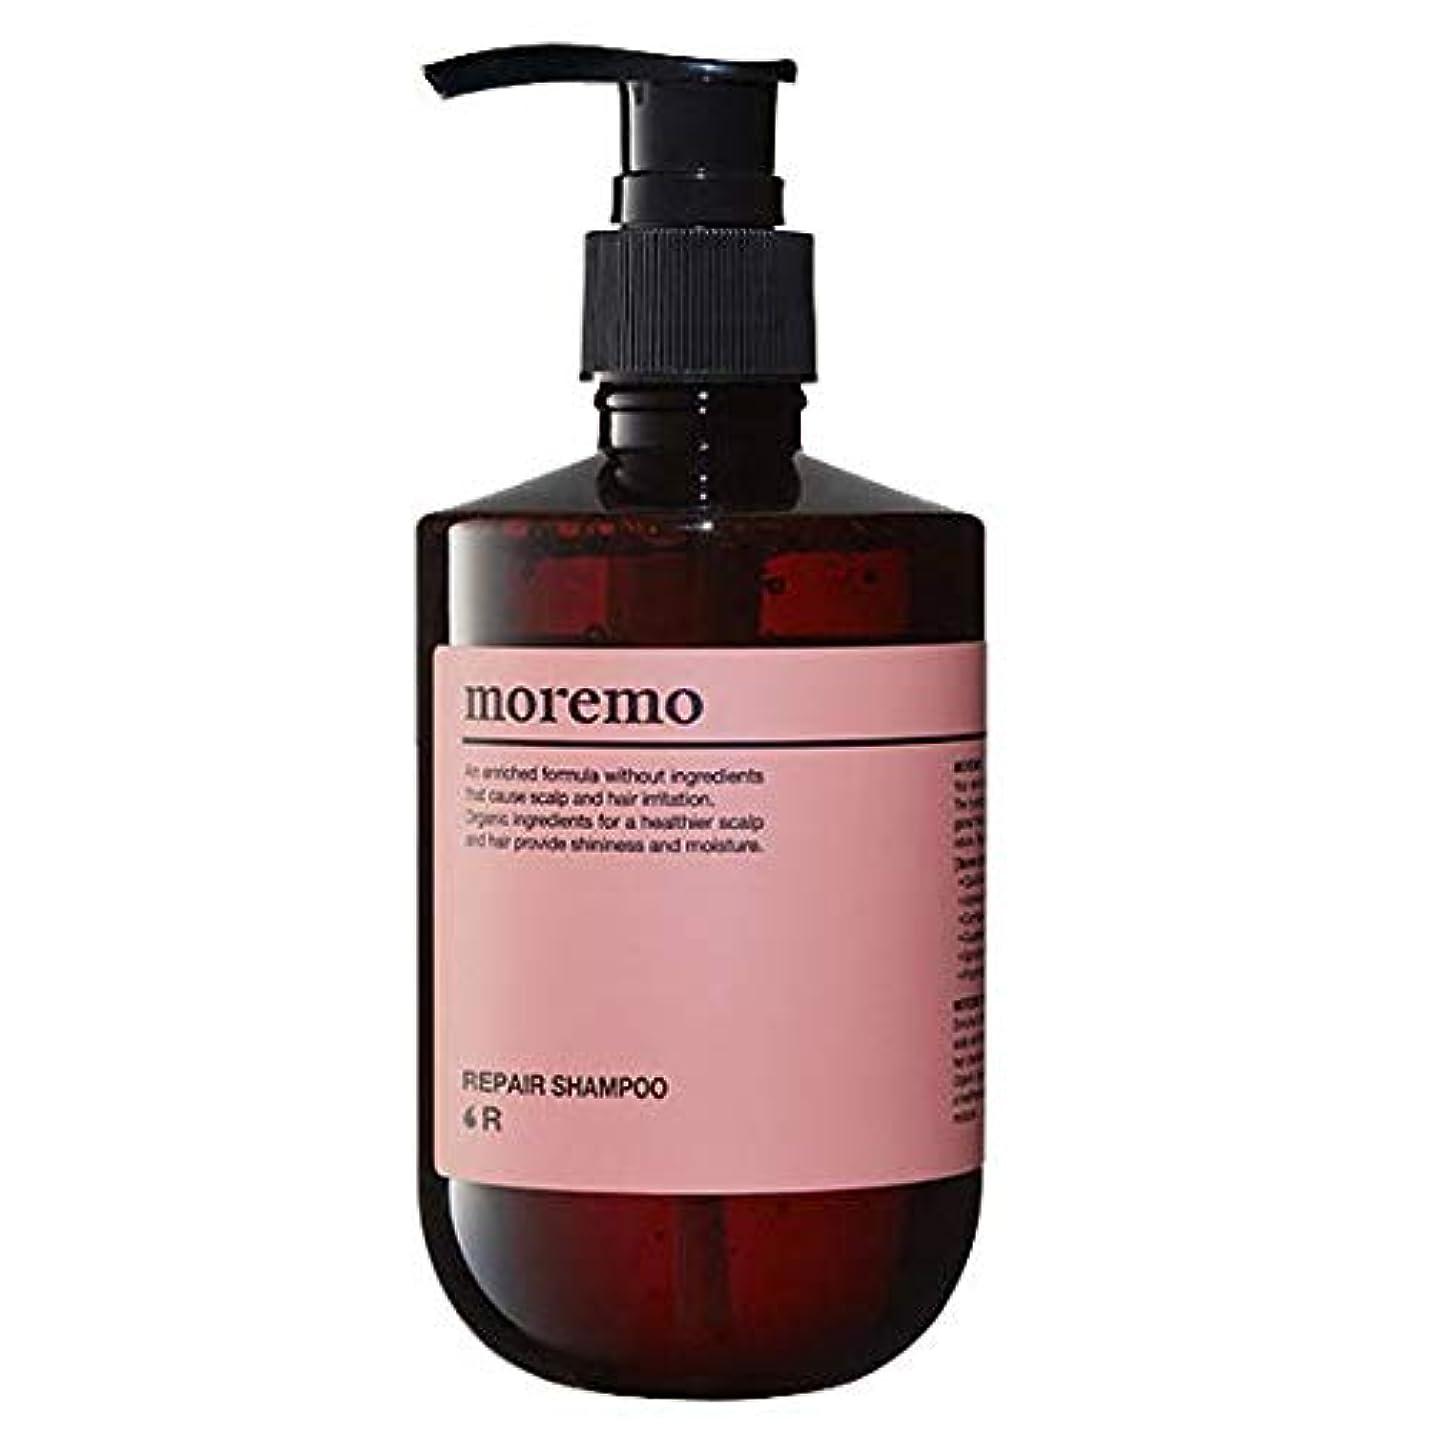 デンマークまだら教育Moremo Repair Shampoo モレモ リペア シャンプー R 300ml [並行輸入品]